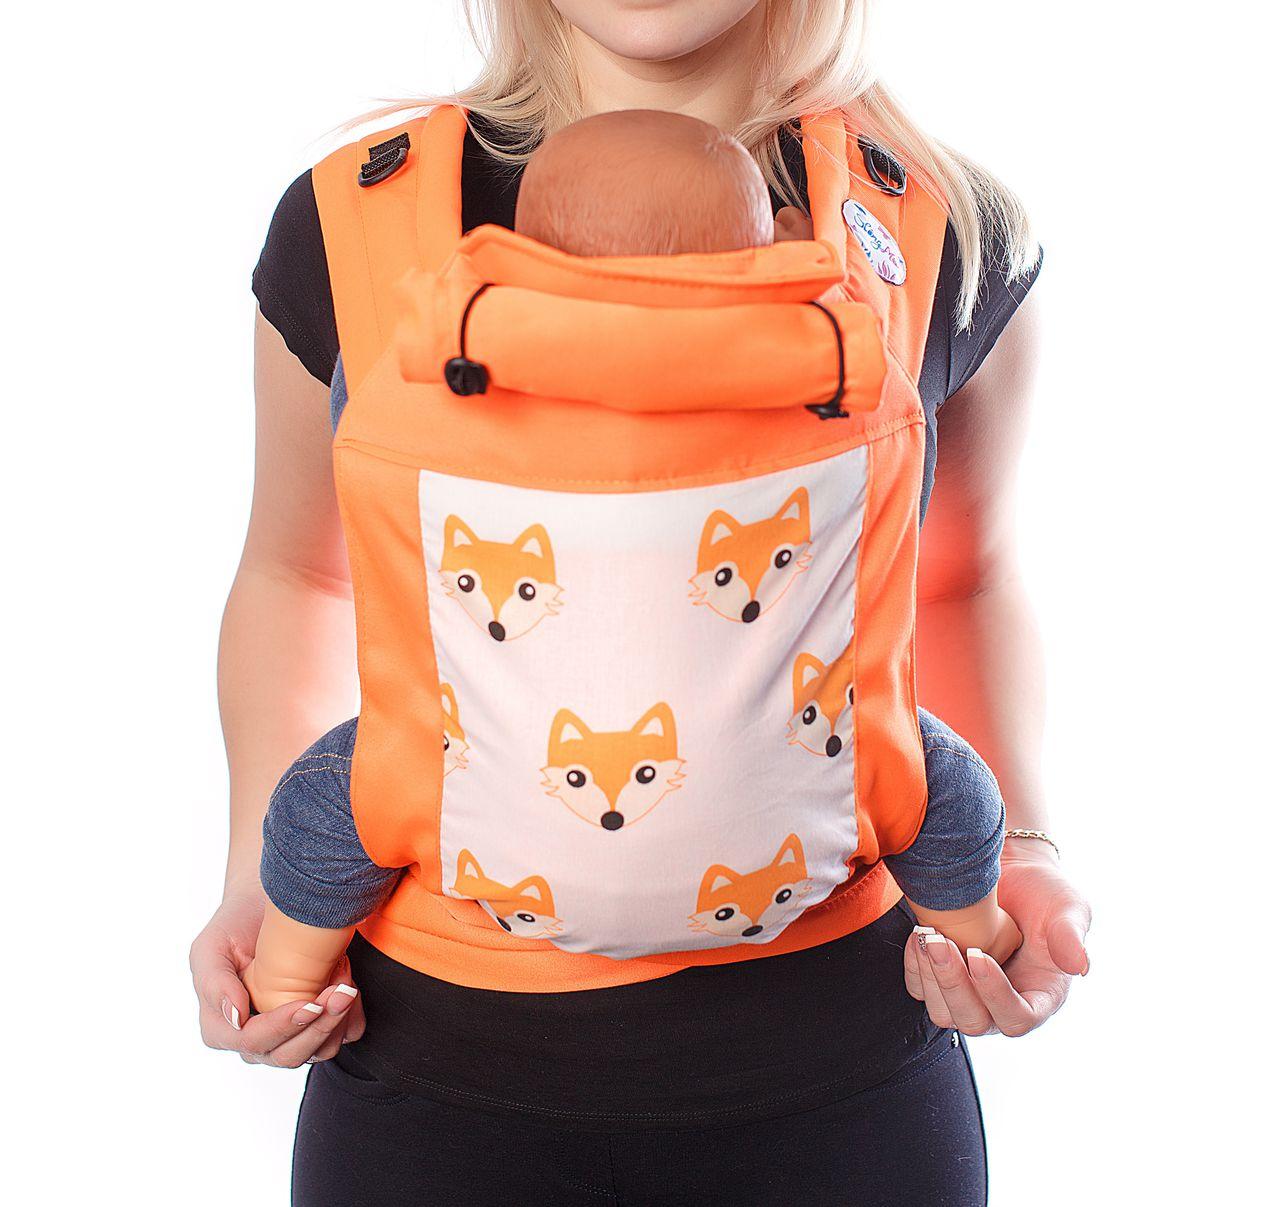 Купить Май-слинг, Май-слинг SlingMe Лисички оранжевый, Слинги для новорожденного